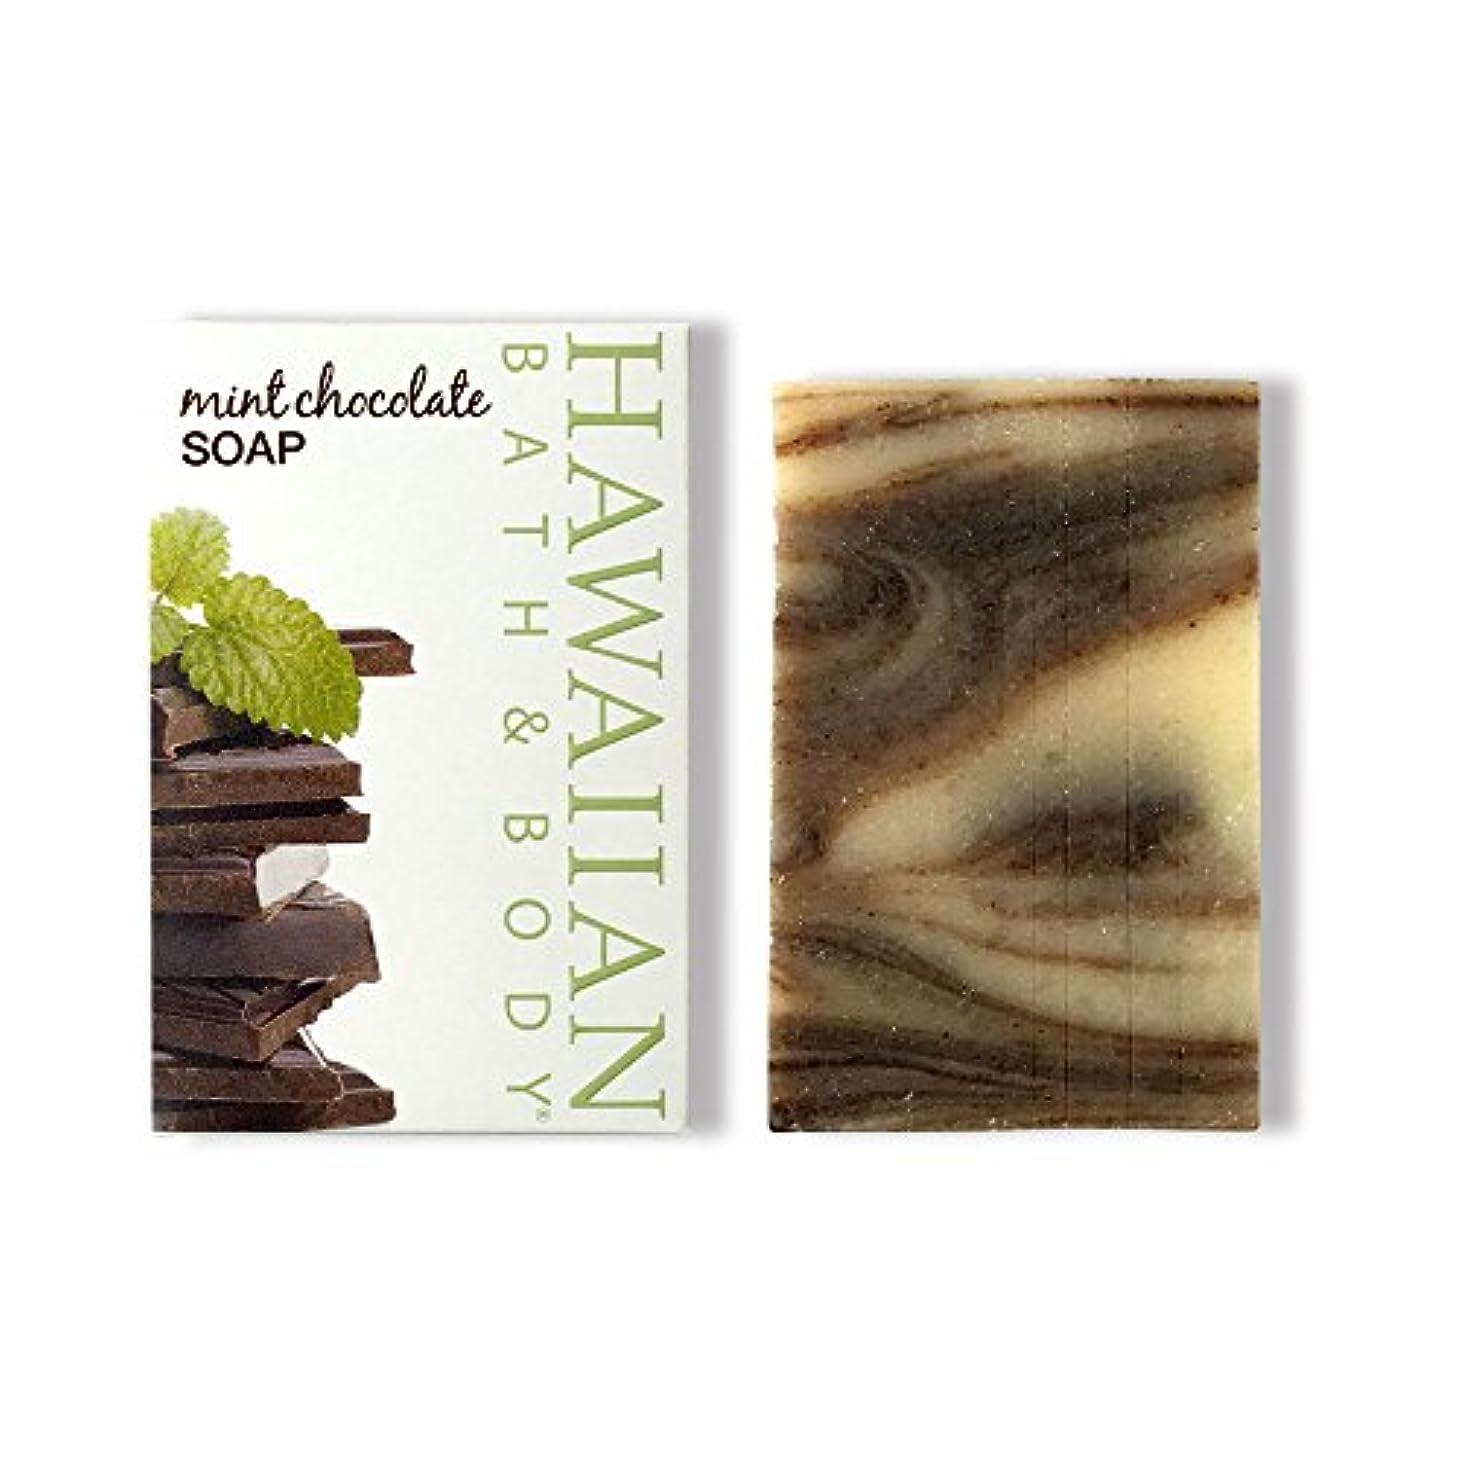 ハワイアンバス&ボディ ハワイアン?ミントチョコレートソープ ( Hawaii Mint Chocolate Soap )